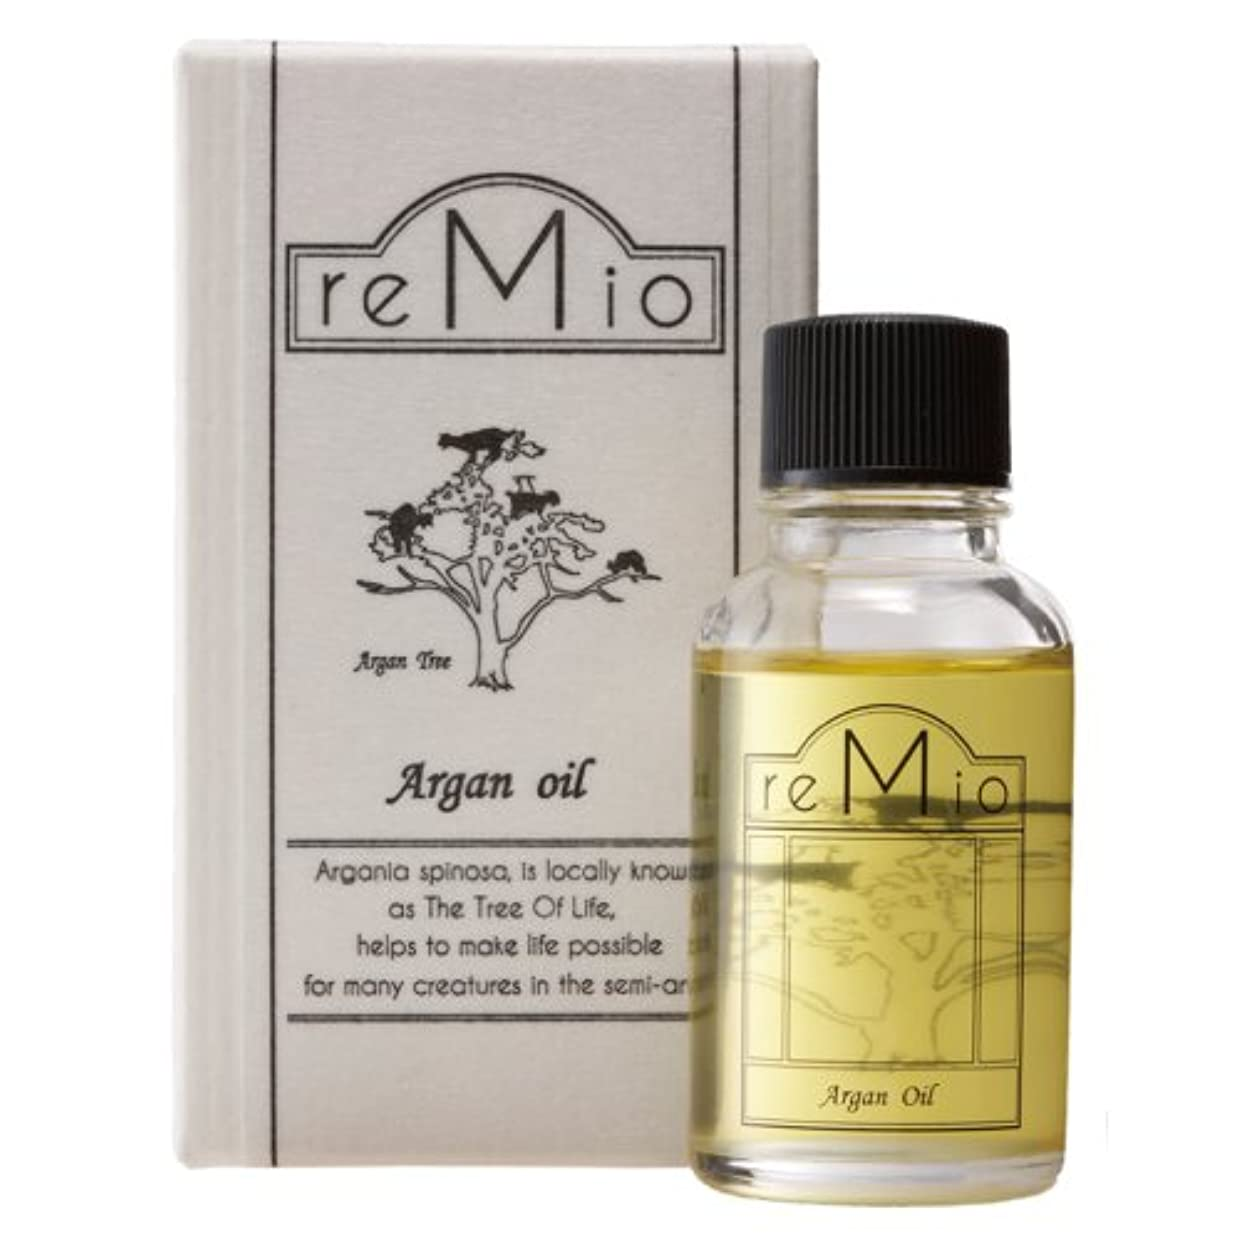 エール廃止する等価レミオ(REMIO) オーガニックアルガンオイル